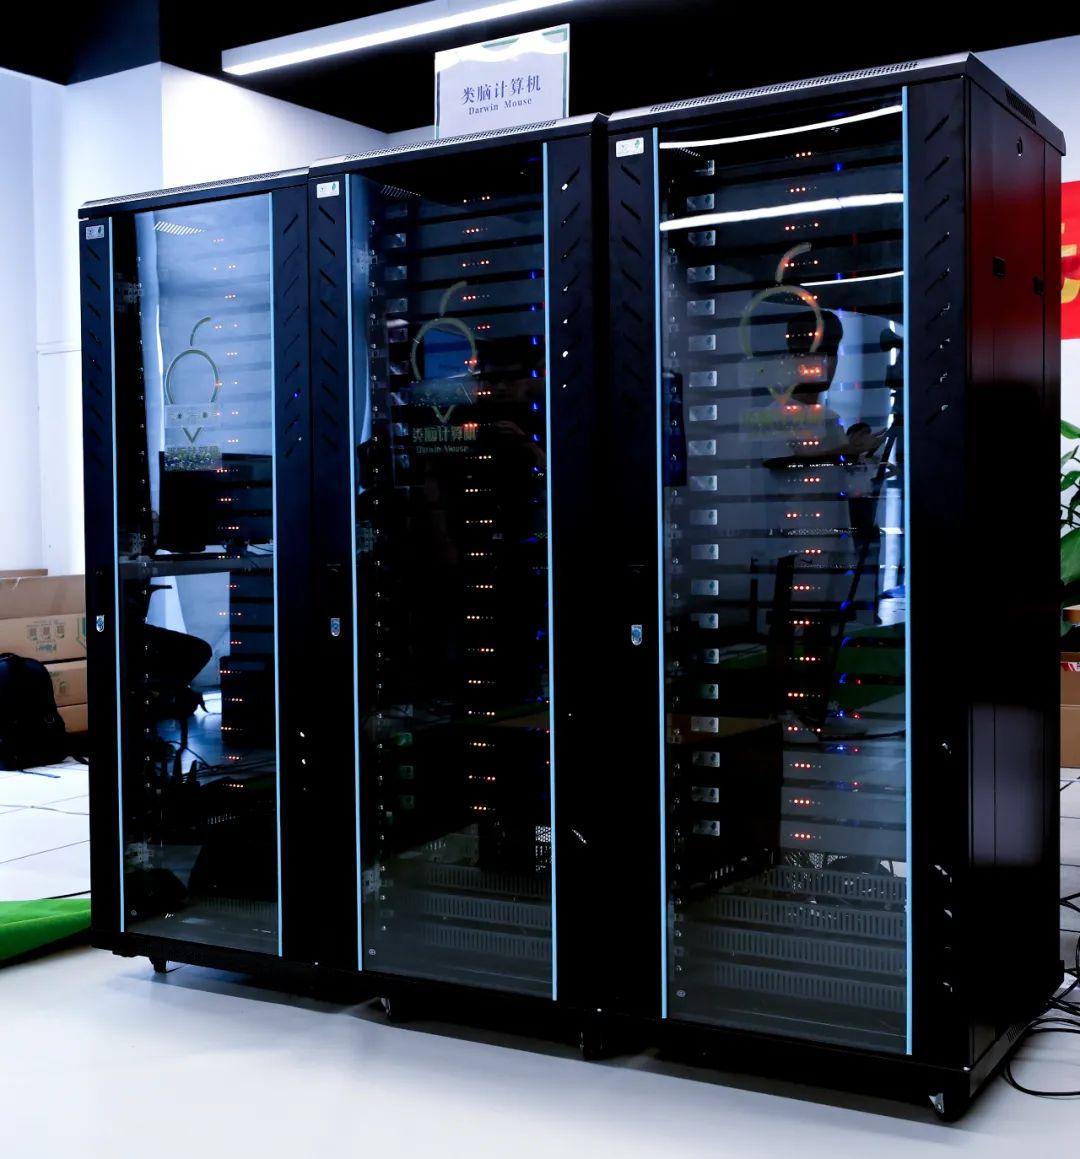 重磅!我国科学家成功研制全球神经元规模最大的类脑计算机